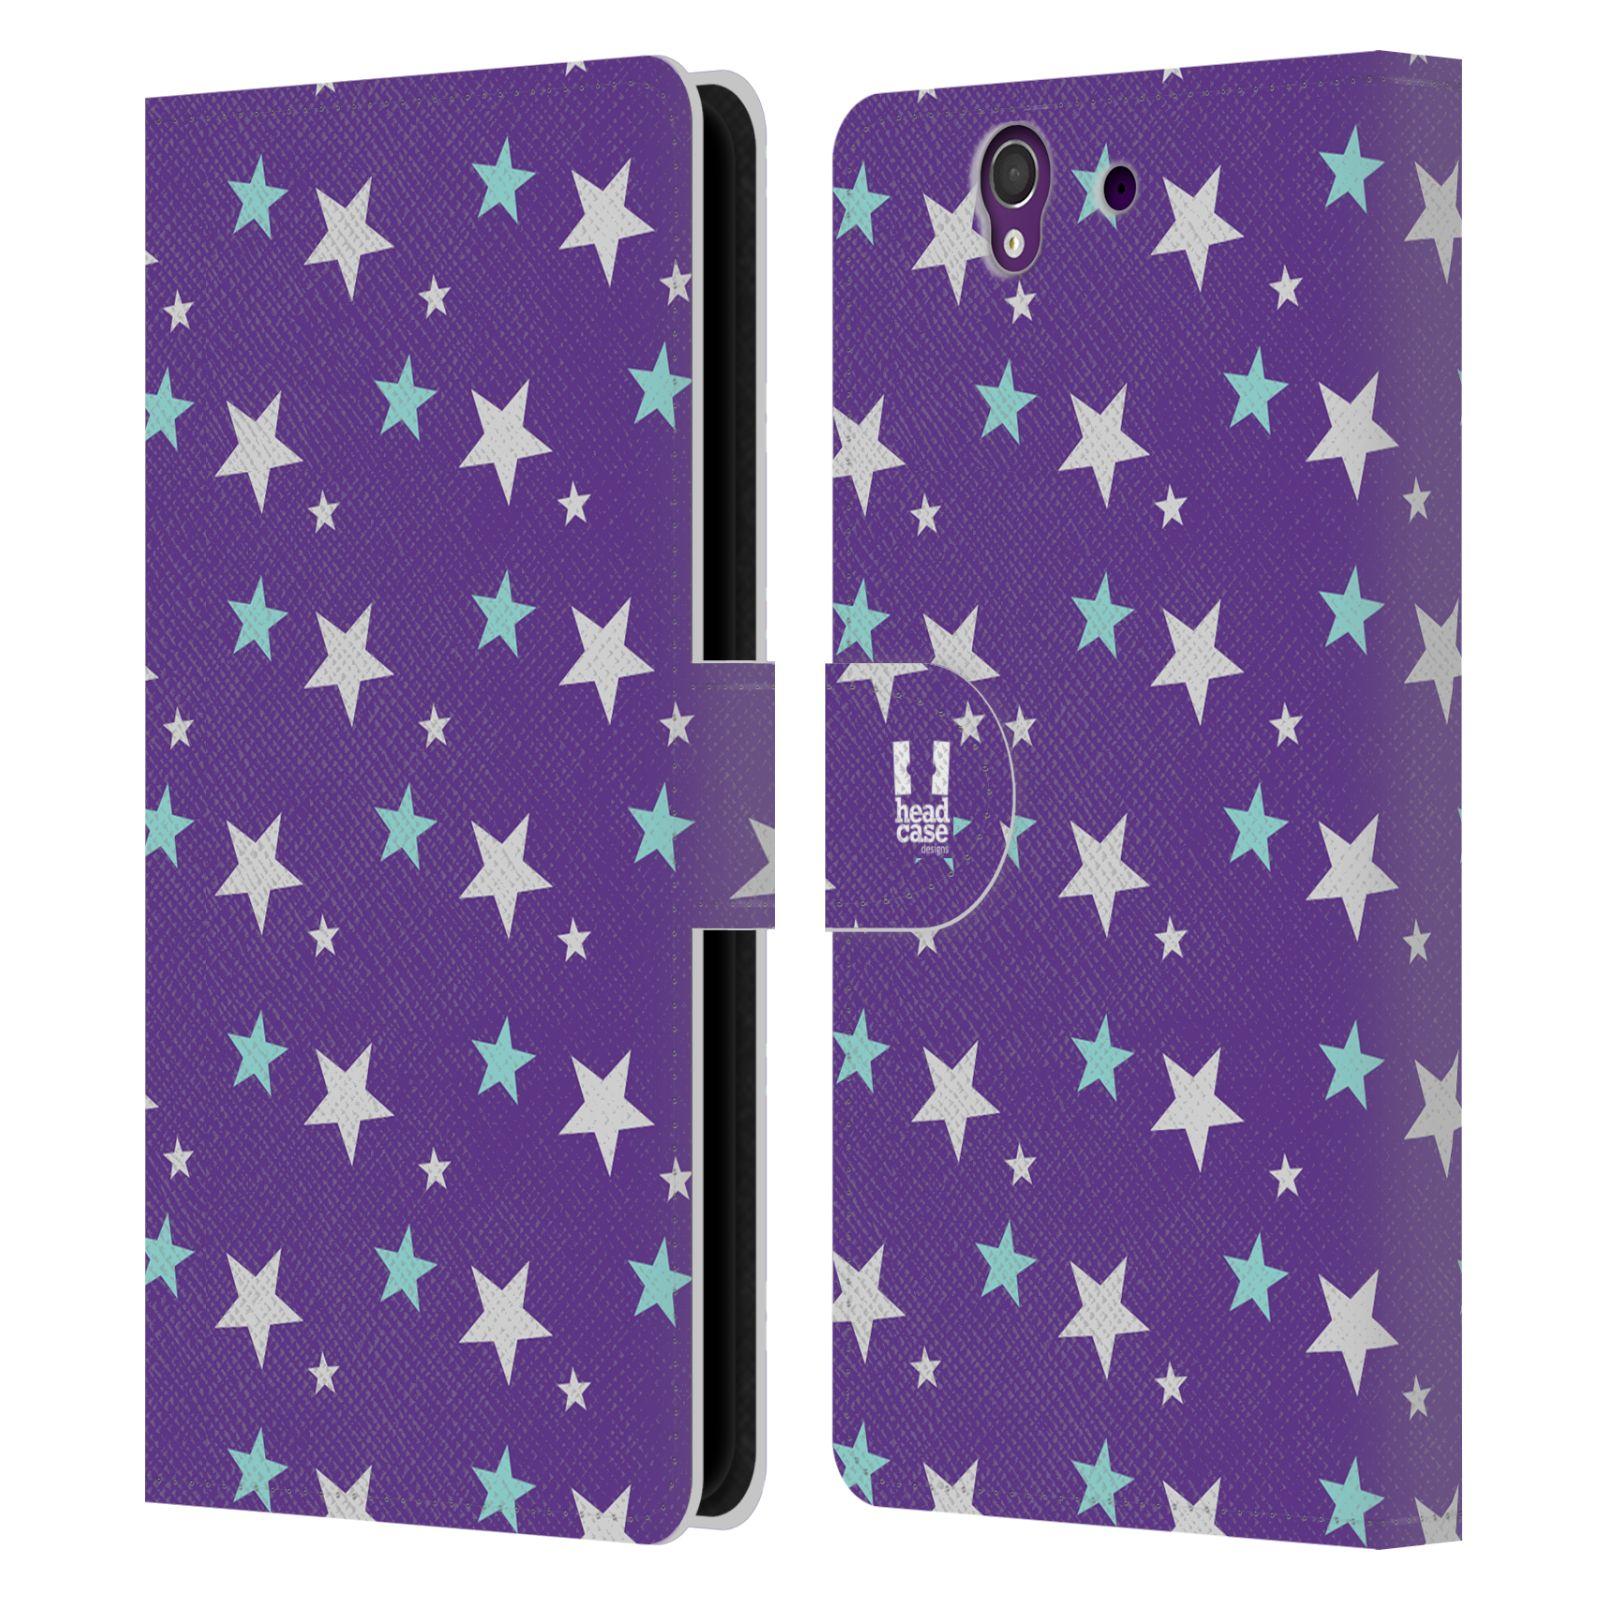 HEAD CASE Flipové pouzdro pro mobil SONY XPERIA Z (C6603) vzor hvězdičky fialová